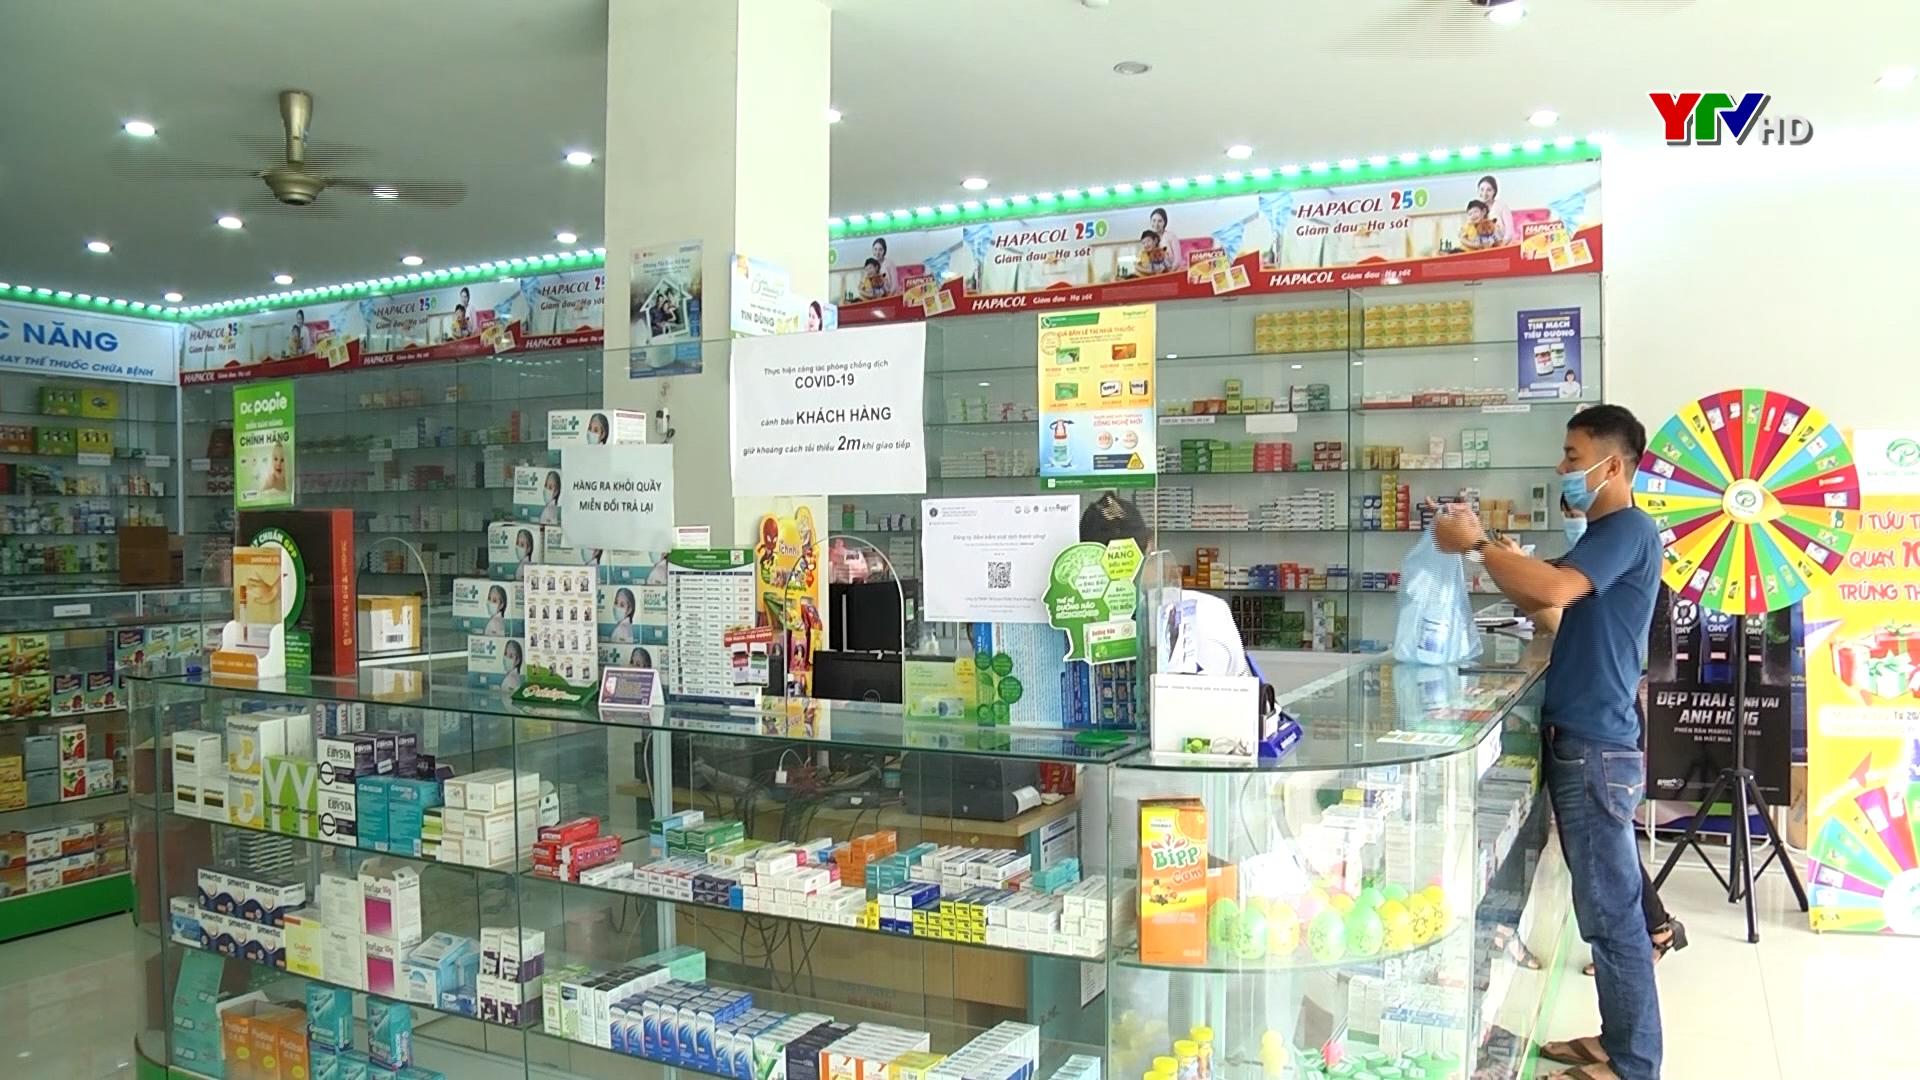 Người dân không nên tự ý mua sản phẩm để phòng, hỗ trợ điều trị COVID-19